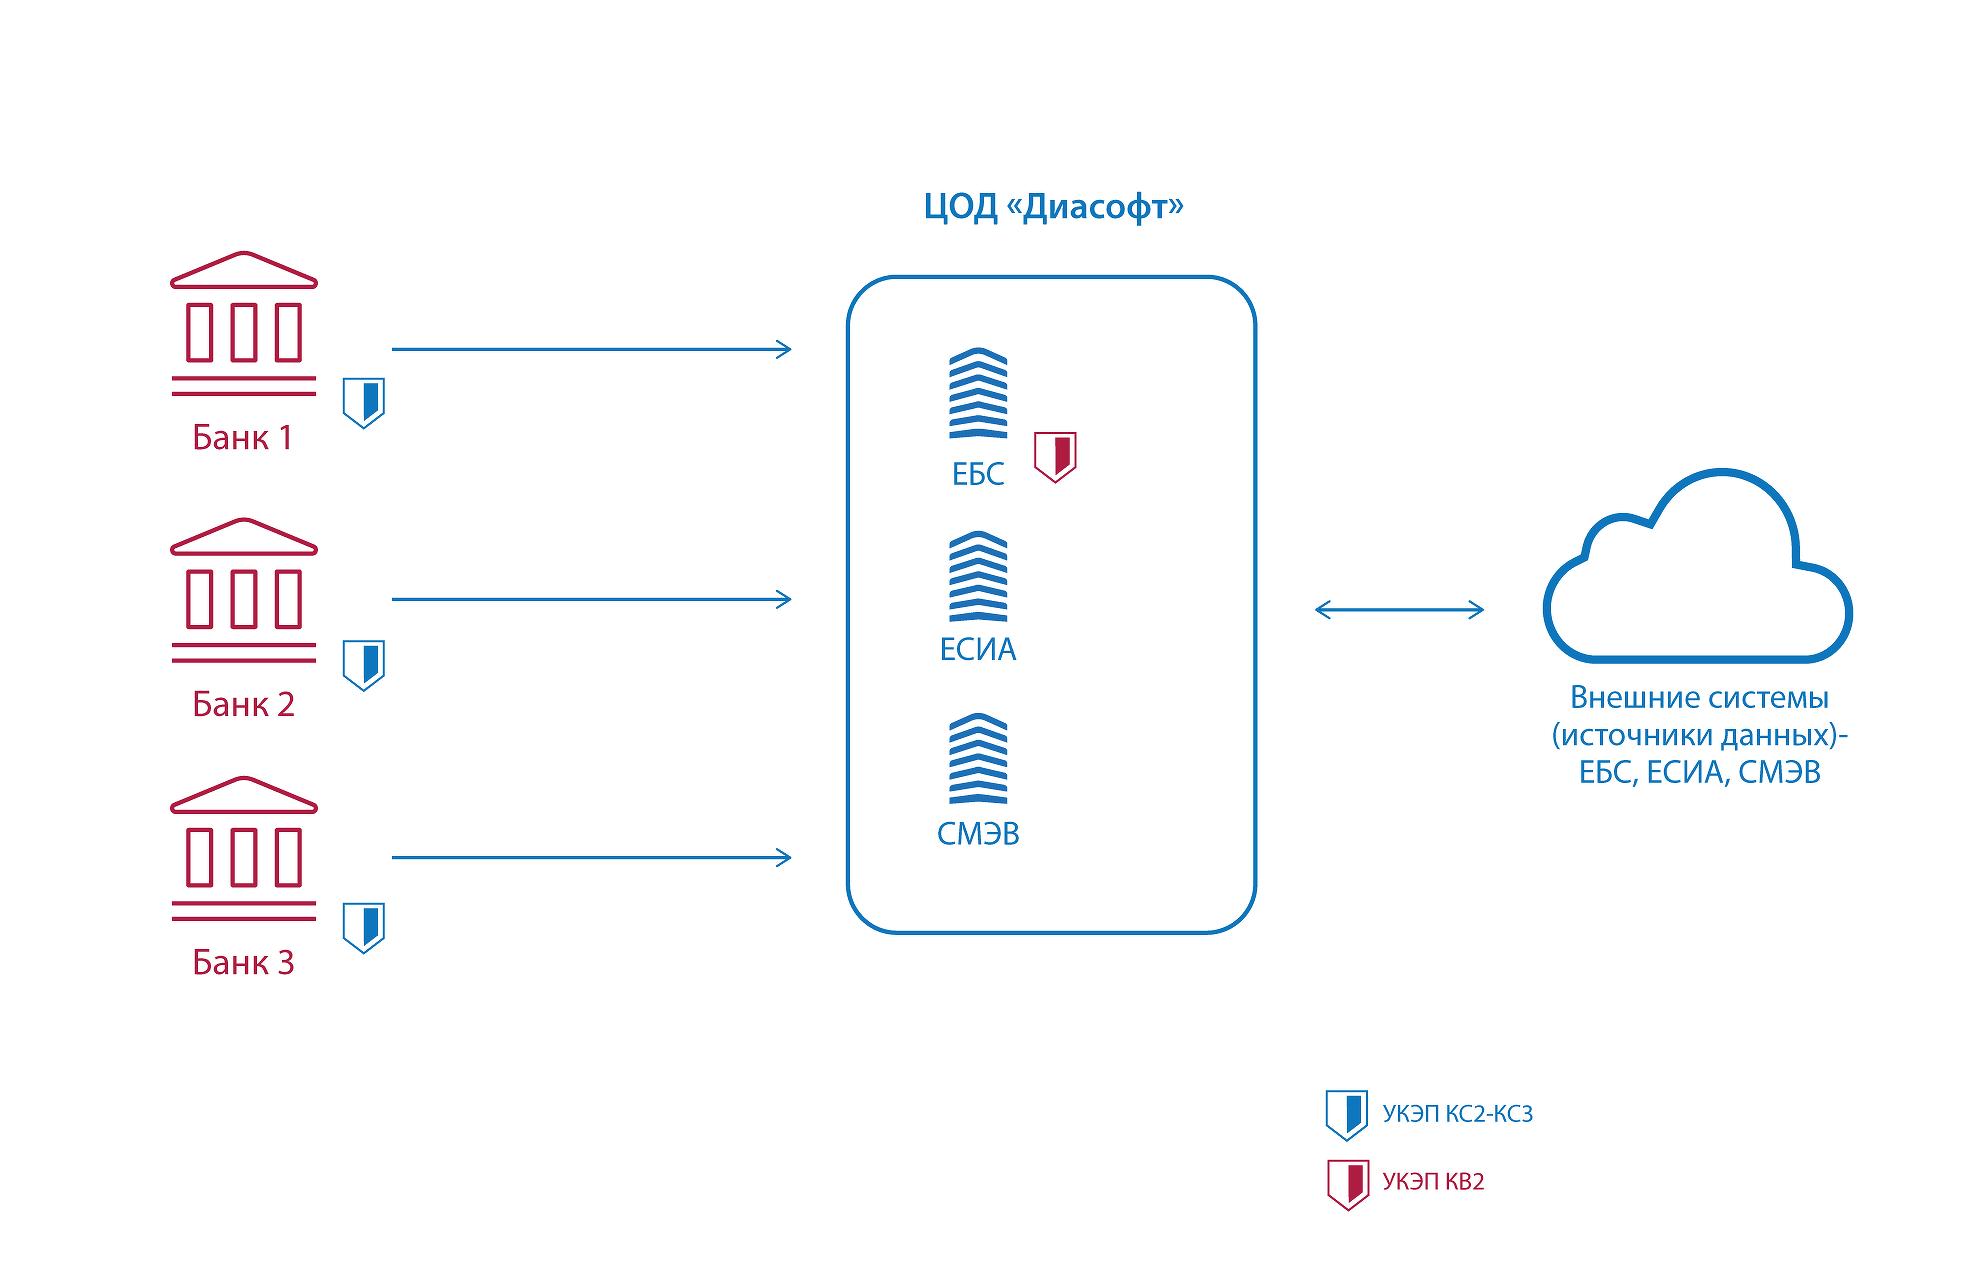 Схема: архитектура сервиса